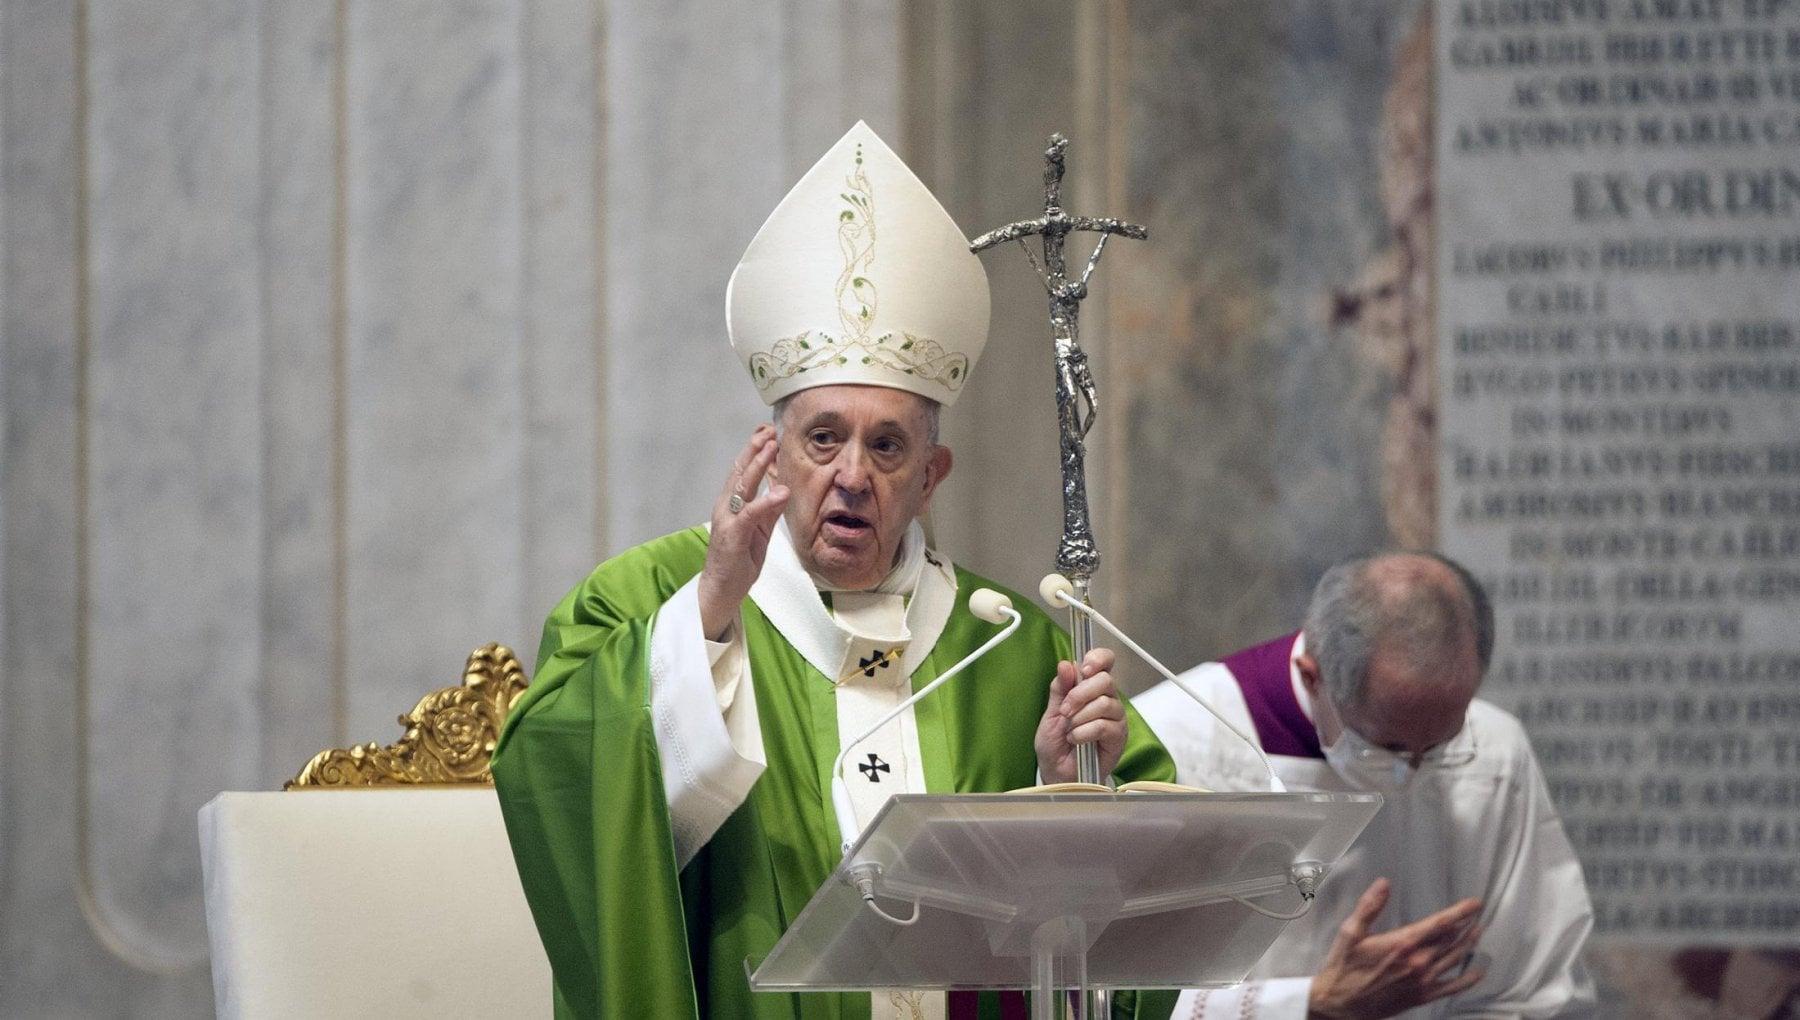 Il Papa ai giovani Non siamo condannati a uneconomia che sia solo profitto. Impegnatevi o la storia vi passera sopra